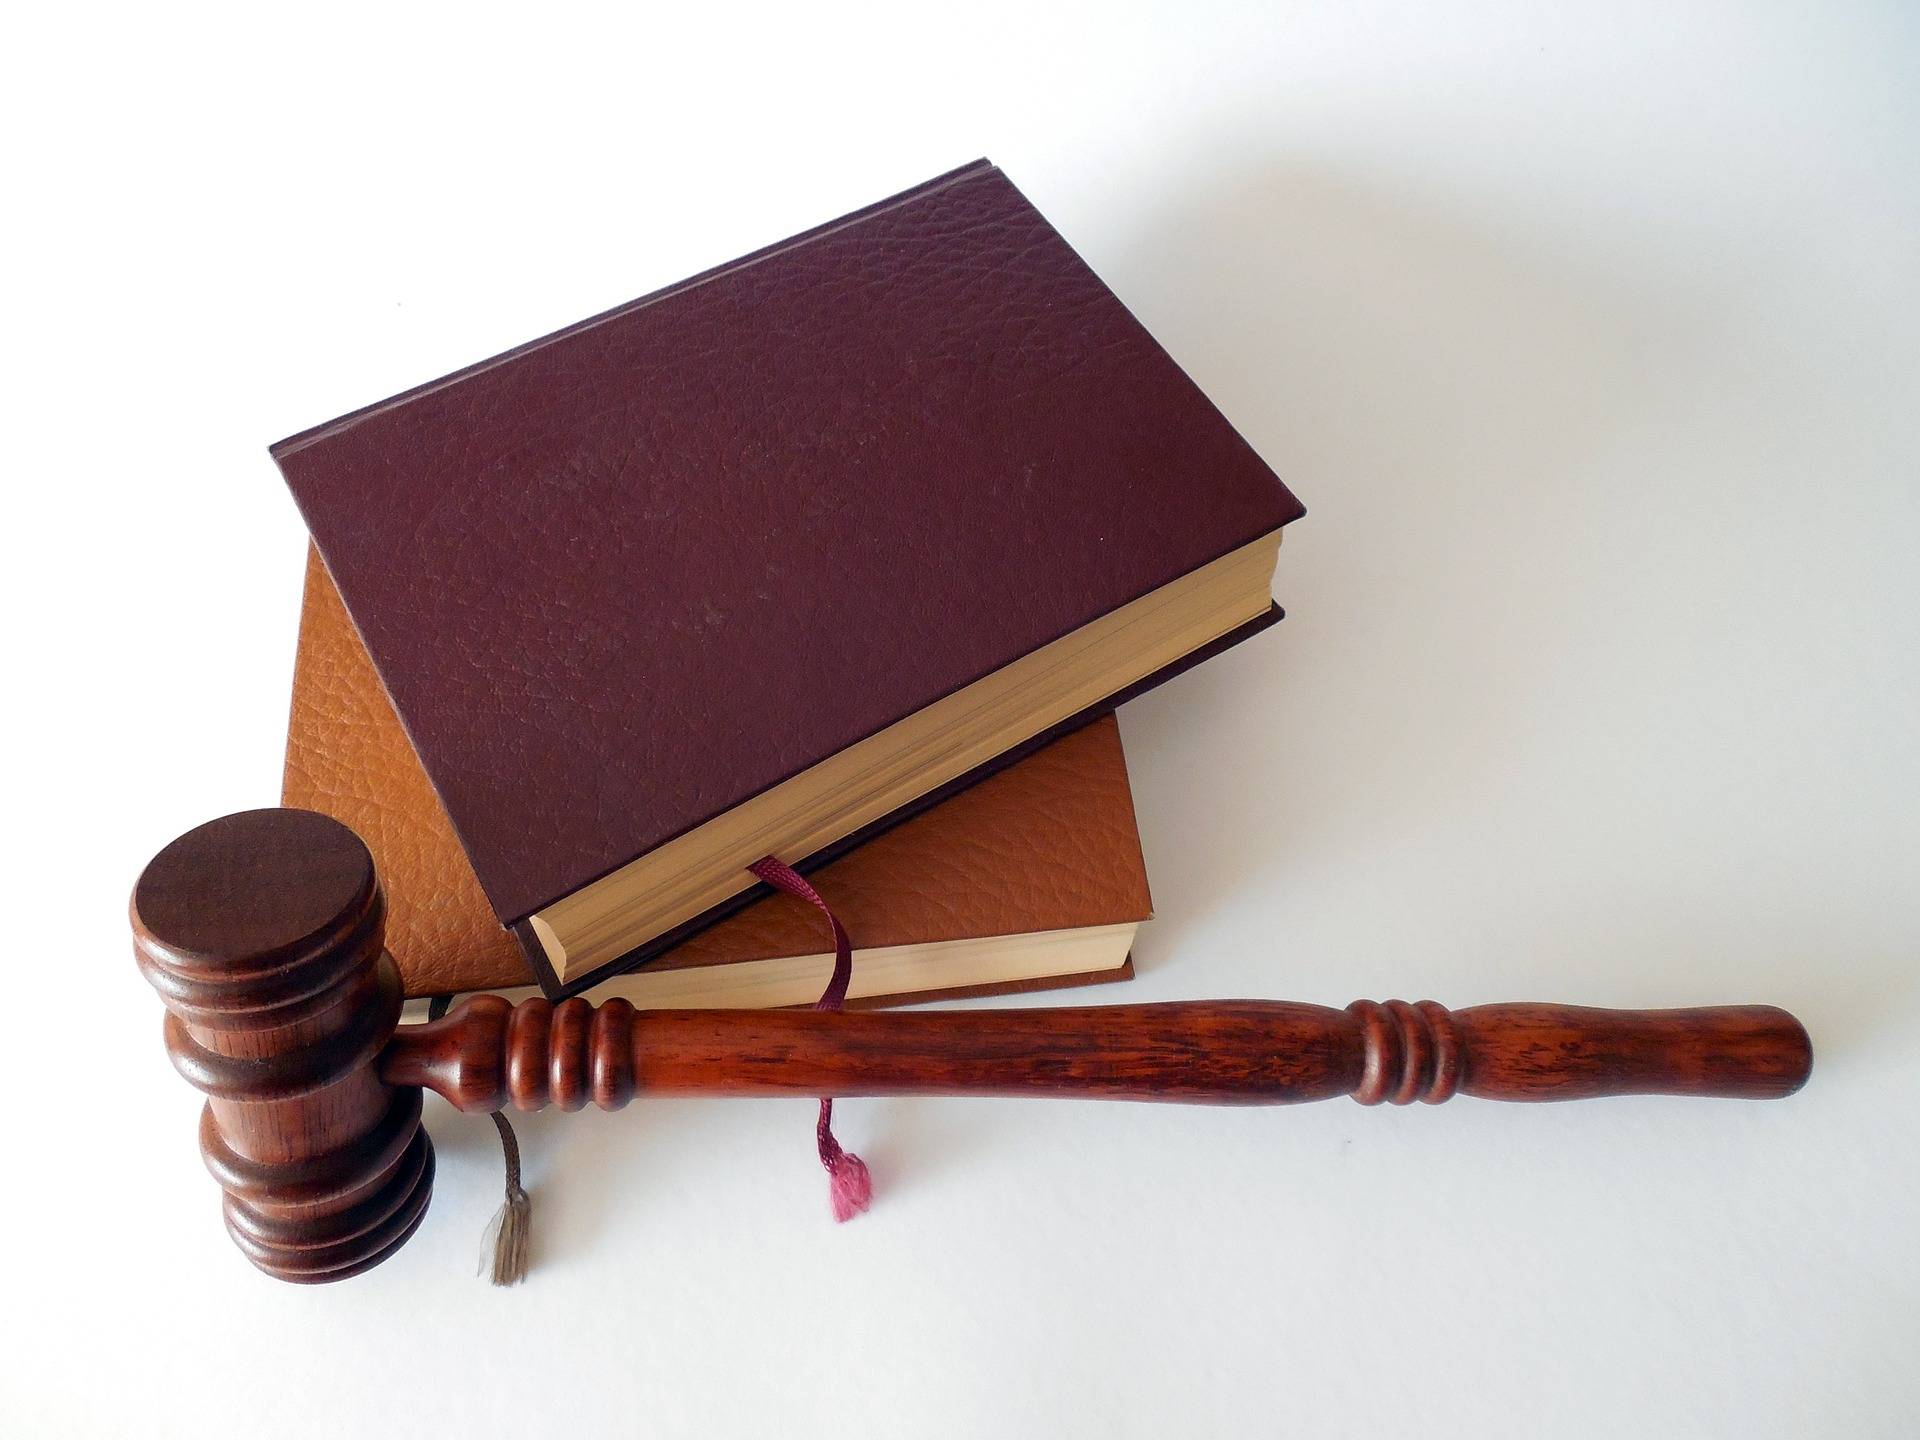 szkolenia prawnicze